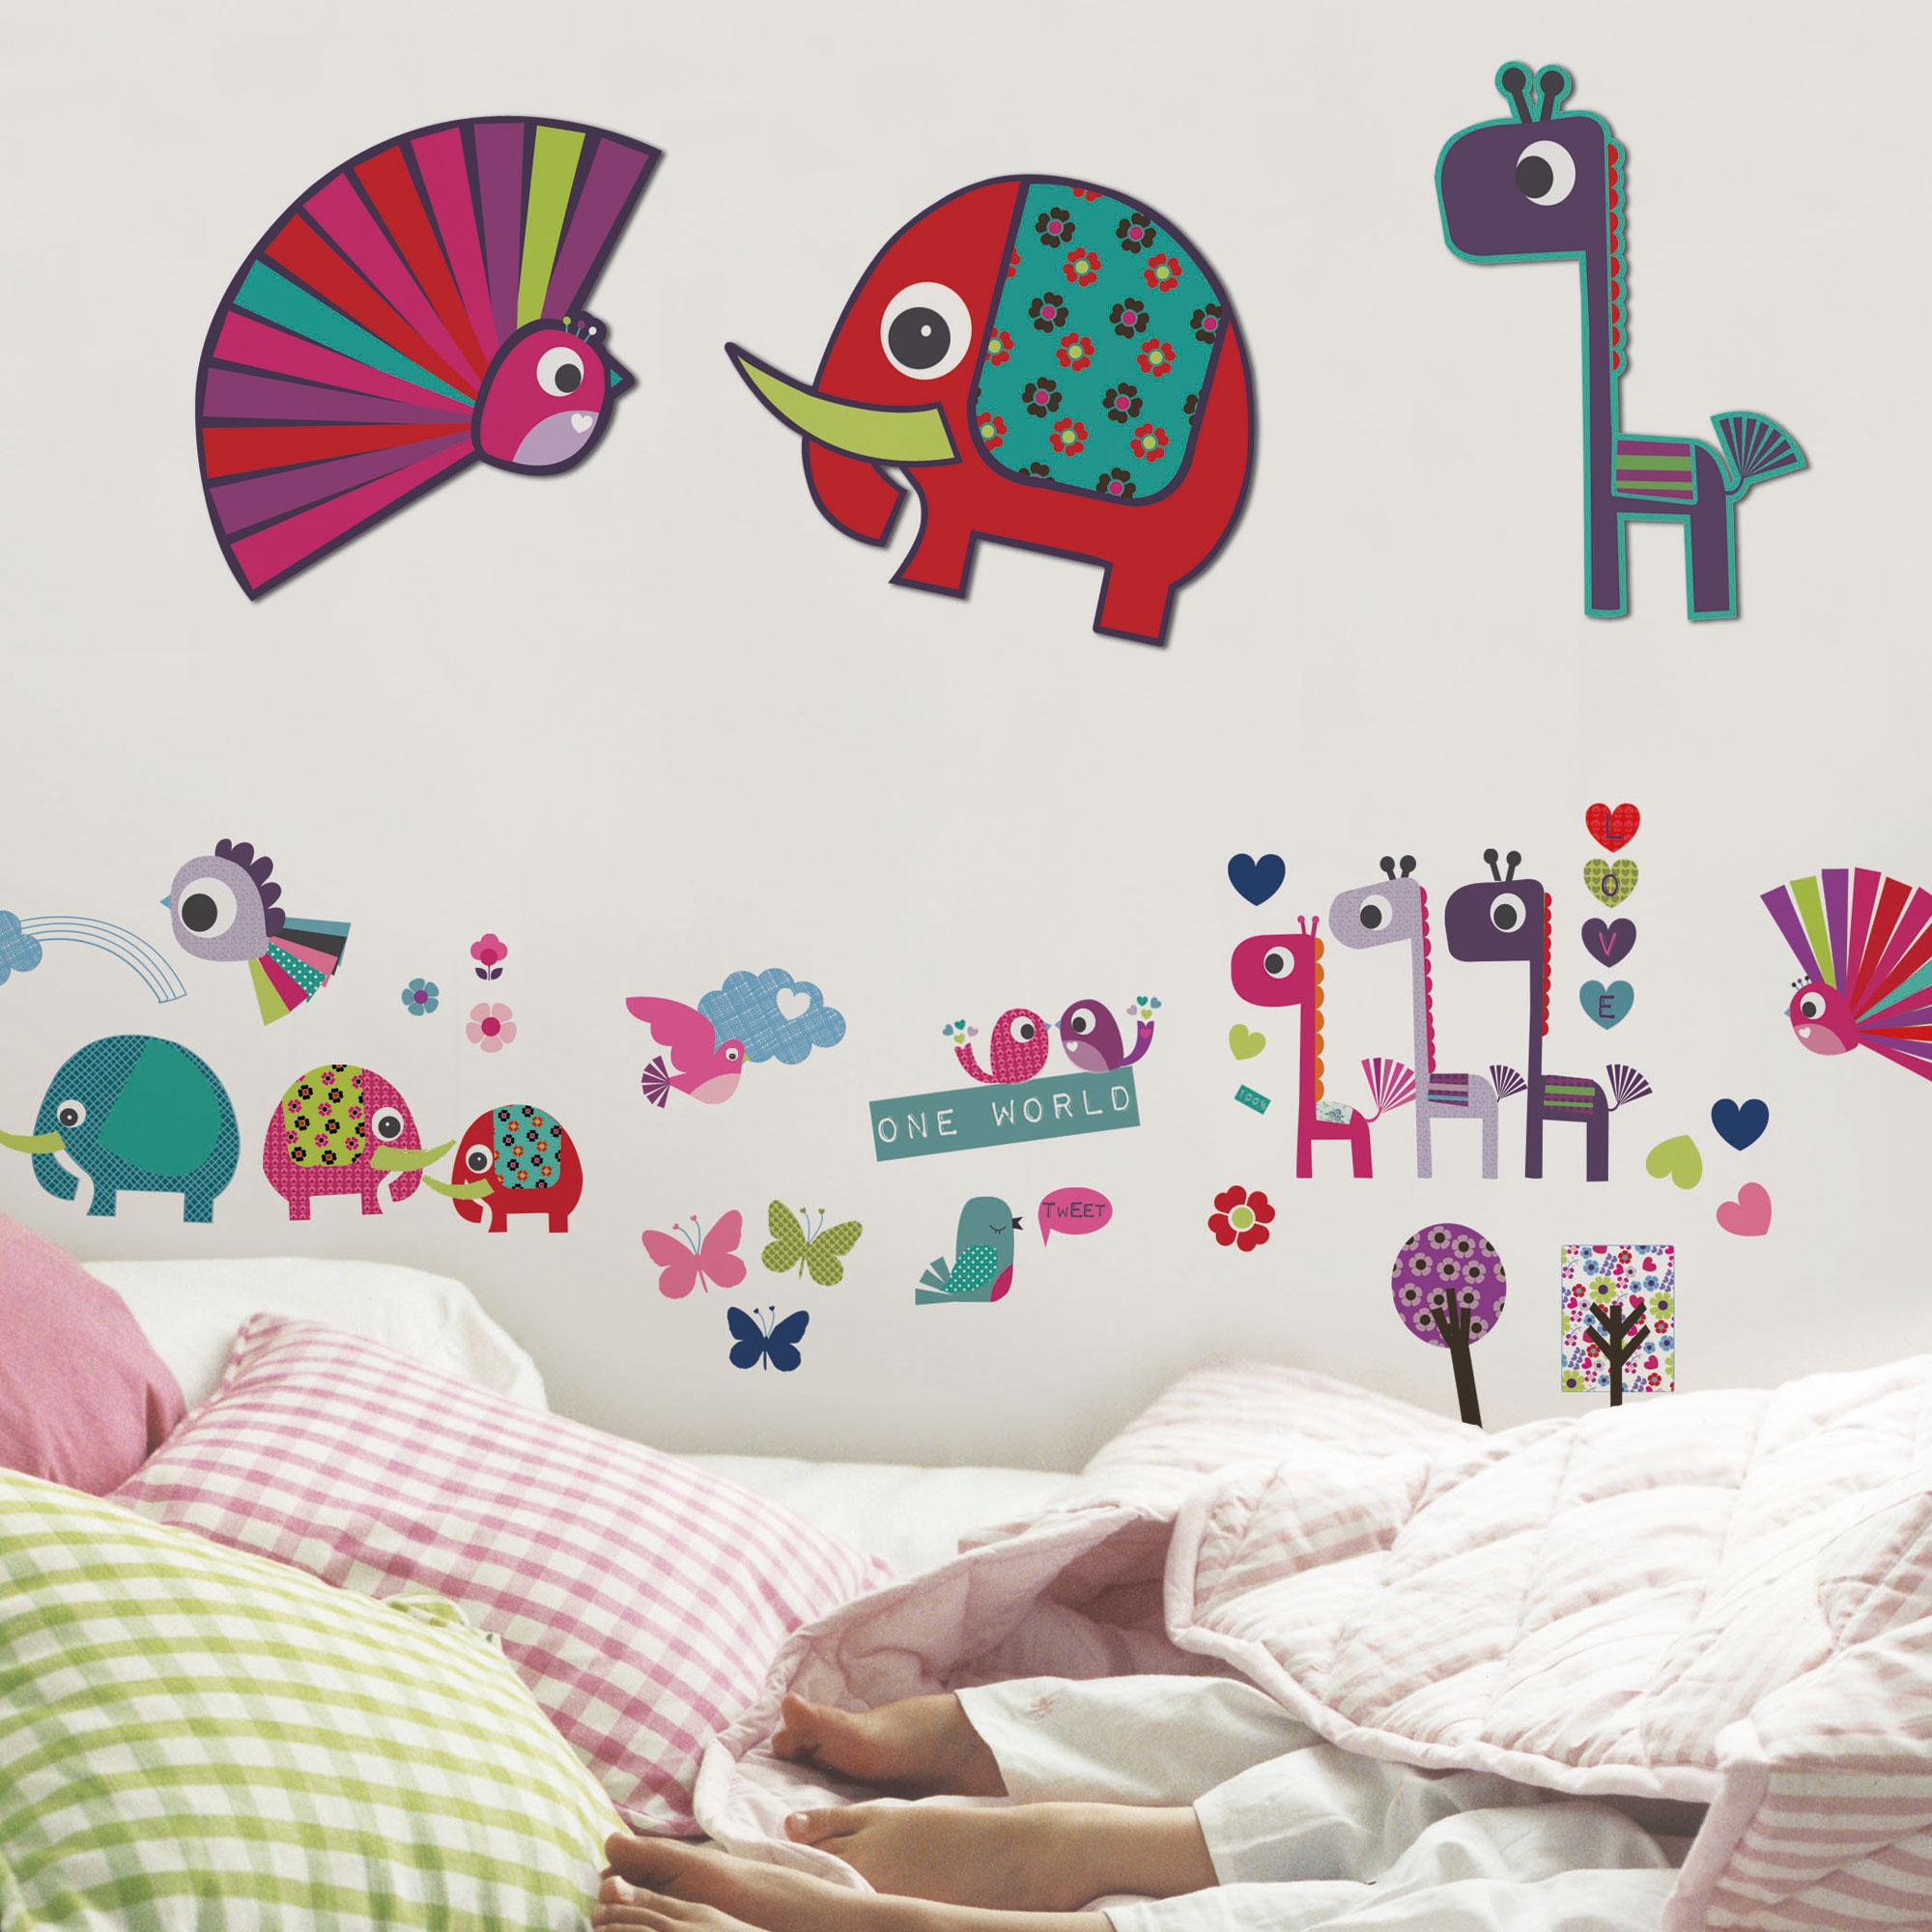 Delamaison m'aide à décorer la chambre de mon bébé